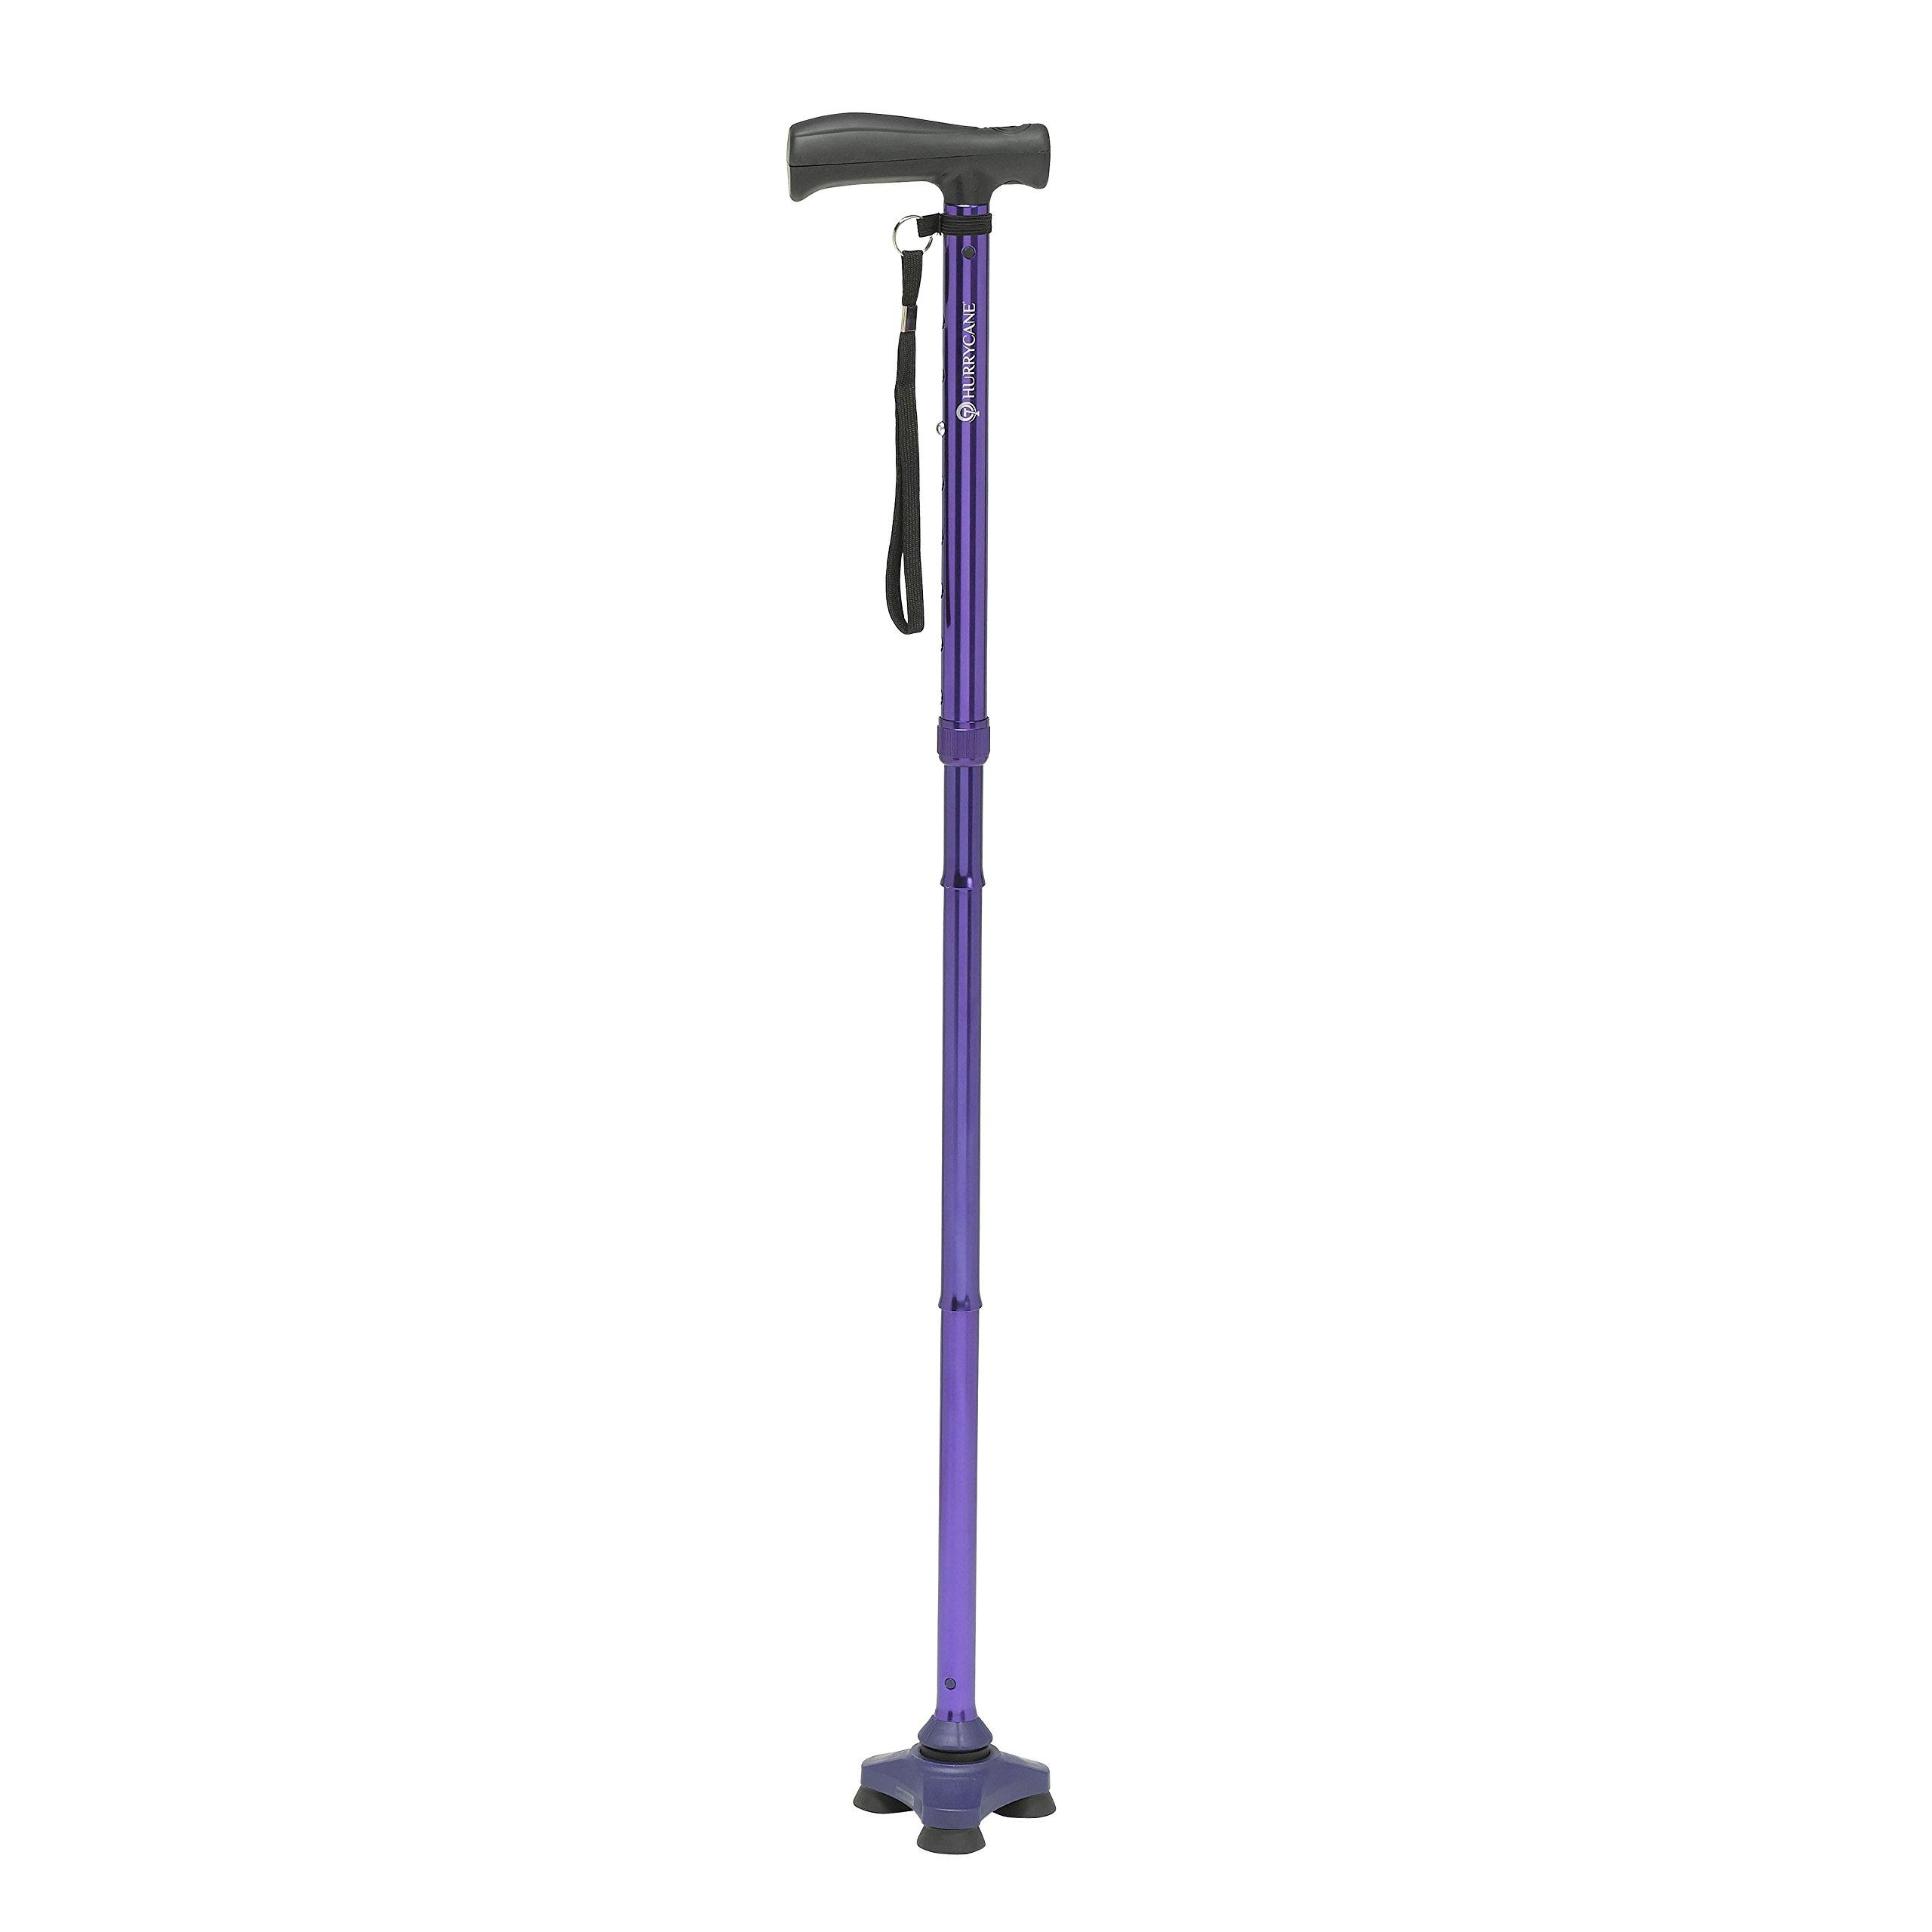 HurryCane Freedom Edition Folding Cane with T Handle, Pathfinder Purple